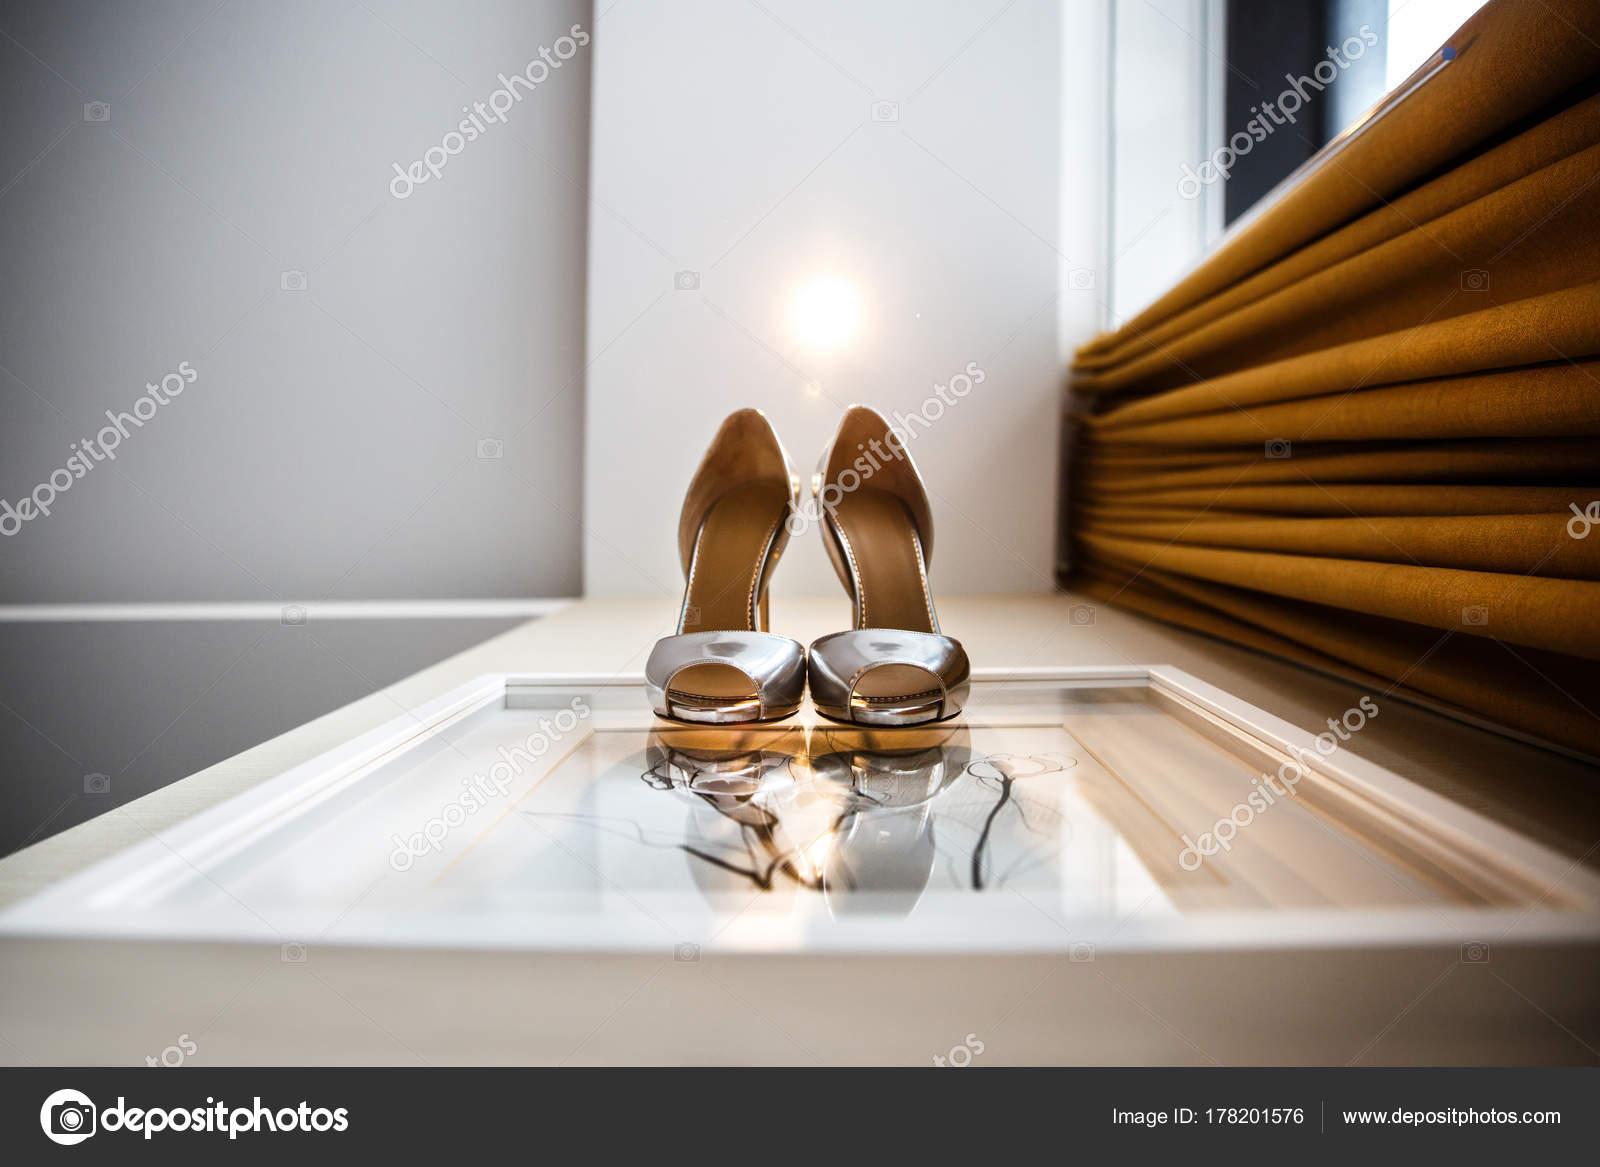 Silberne Hochzeitsschuhe Auf Der Weissen Wand Stockfoto C A